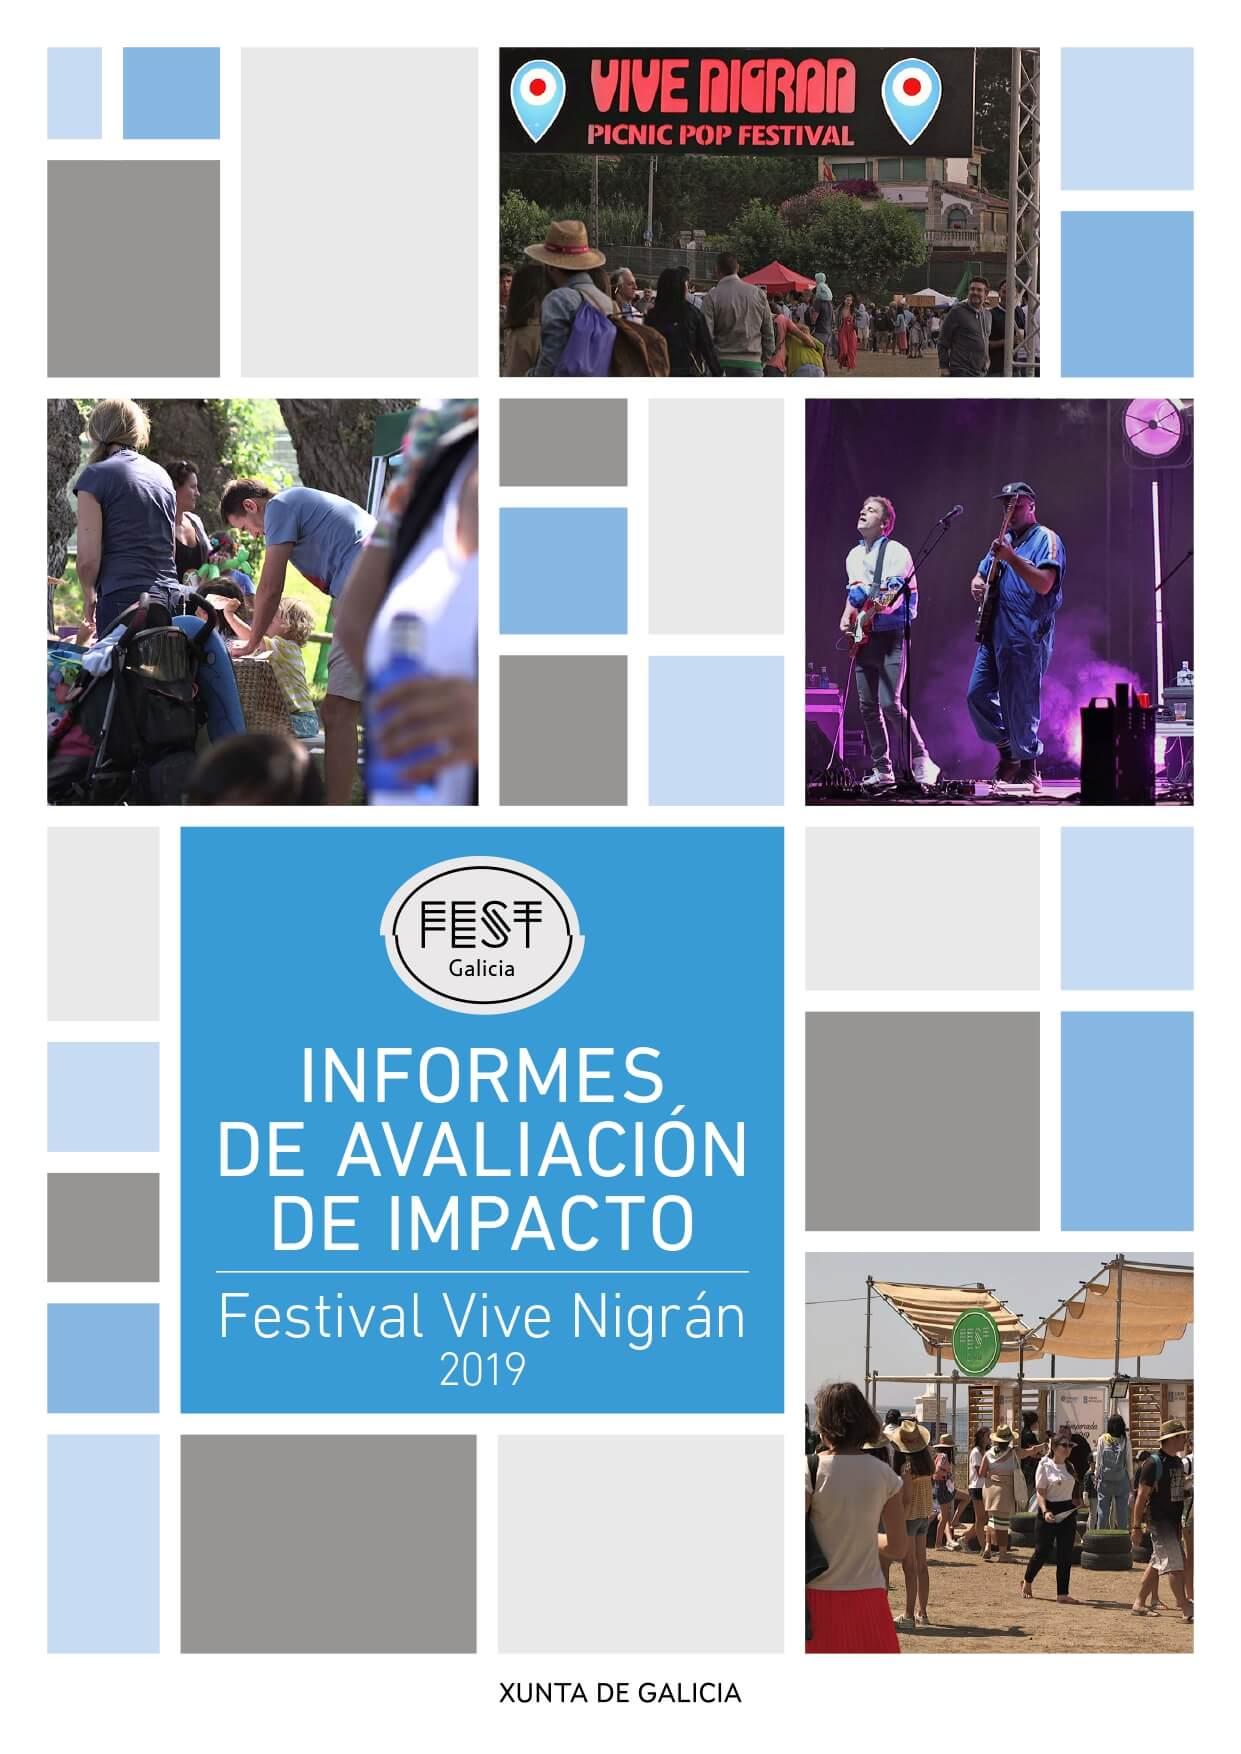 Fest Galicia informe Vive Nigran 2019